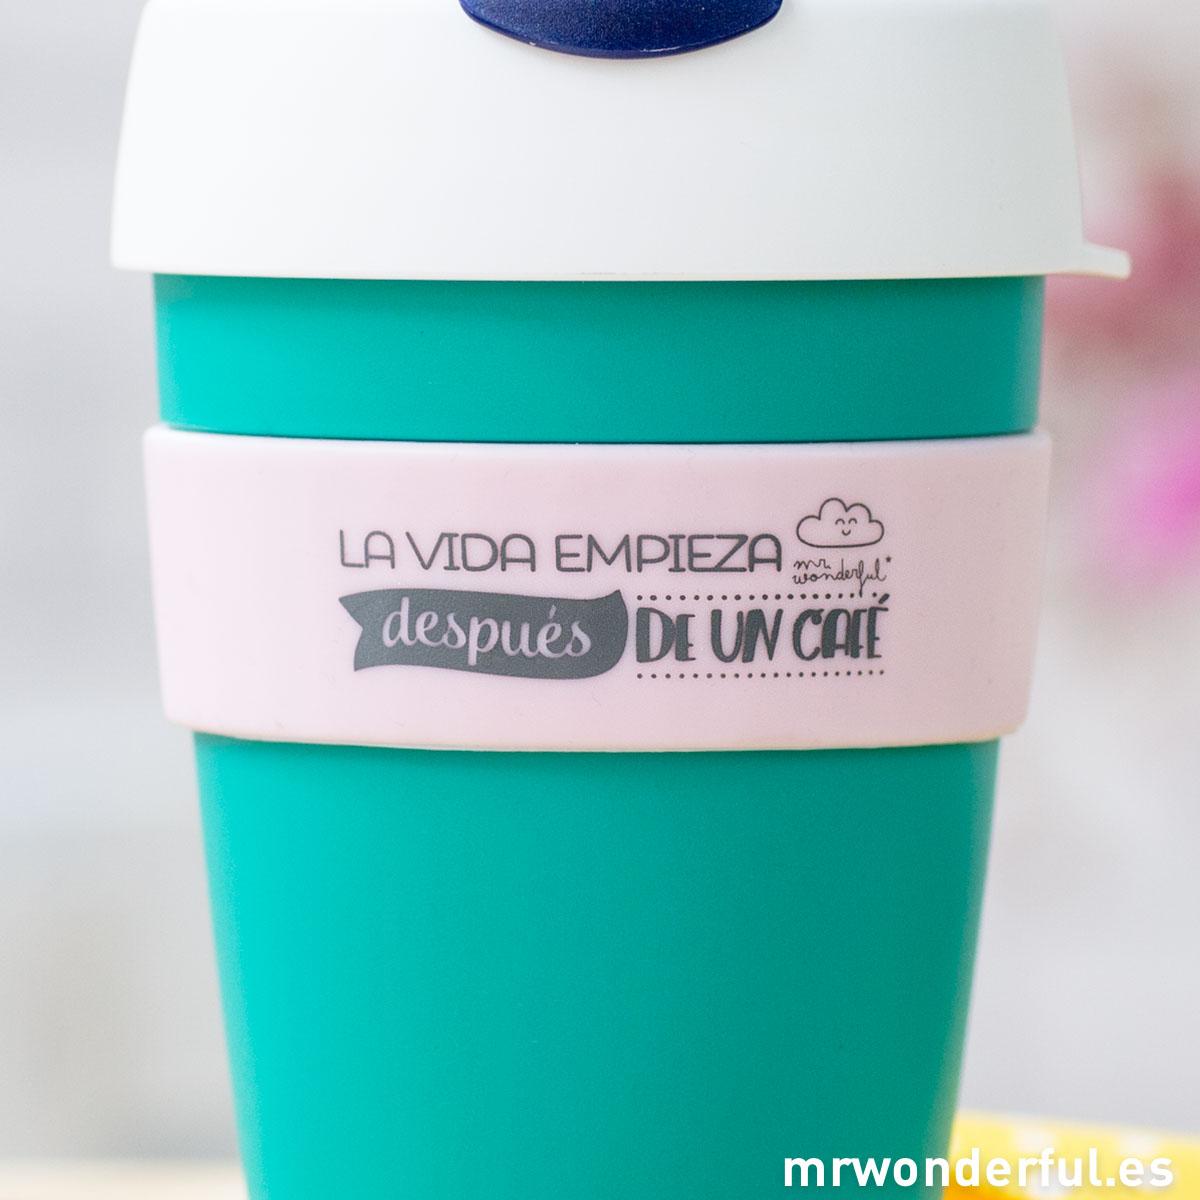 mrwonderful_8436547191604_KEEPCUP_013_Keepcup_La-vida-empieza-despues-de-un-cafe-M-Verde-14-Editar